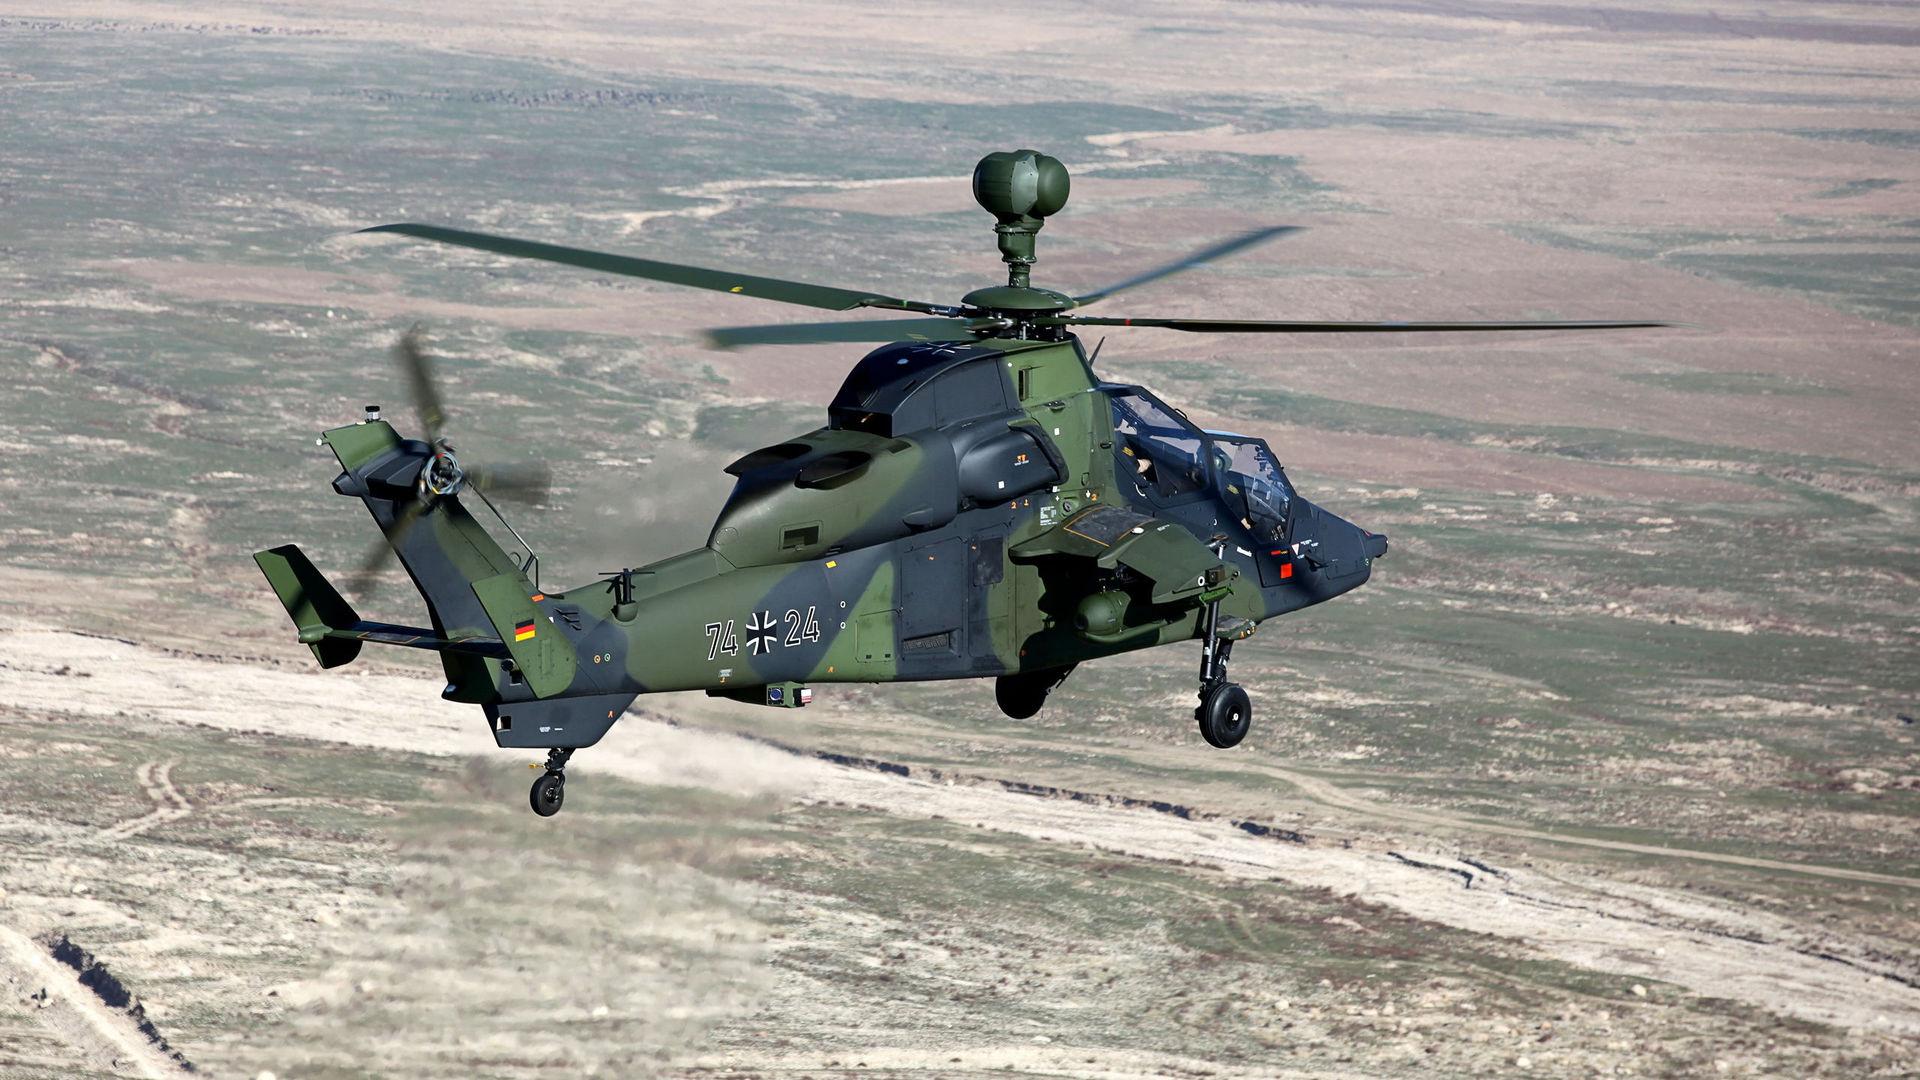 Обои боевой, вертолёт. Авиация foto 12